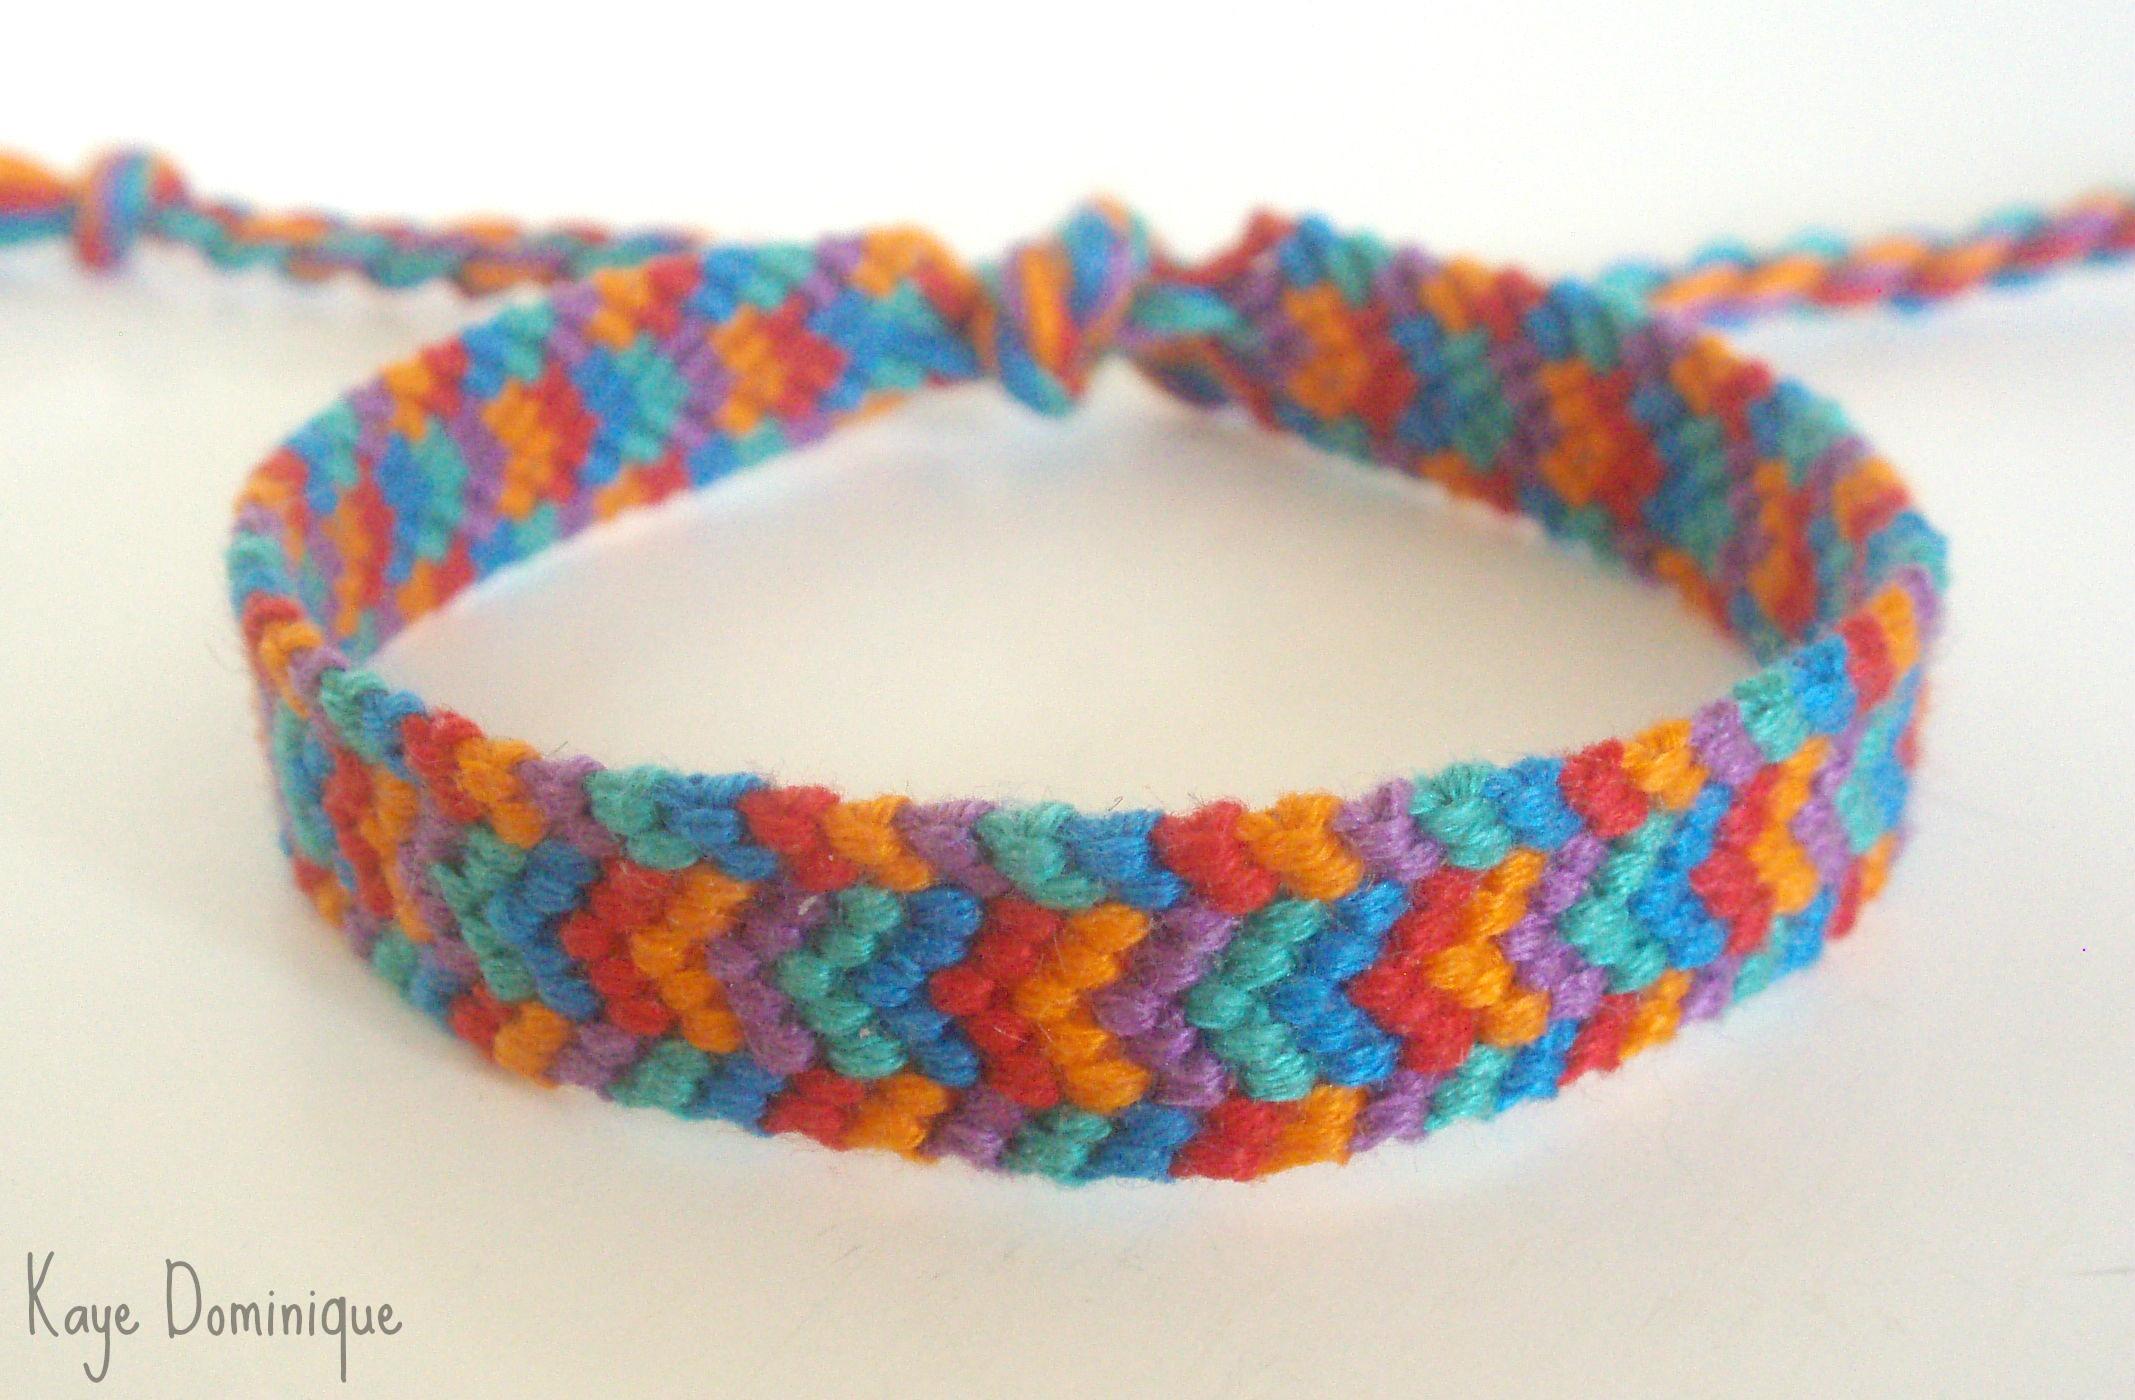 Chevron bracelet -  Bordered Chevron Bracelet By Chibi Shishi